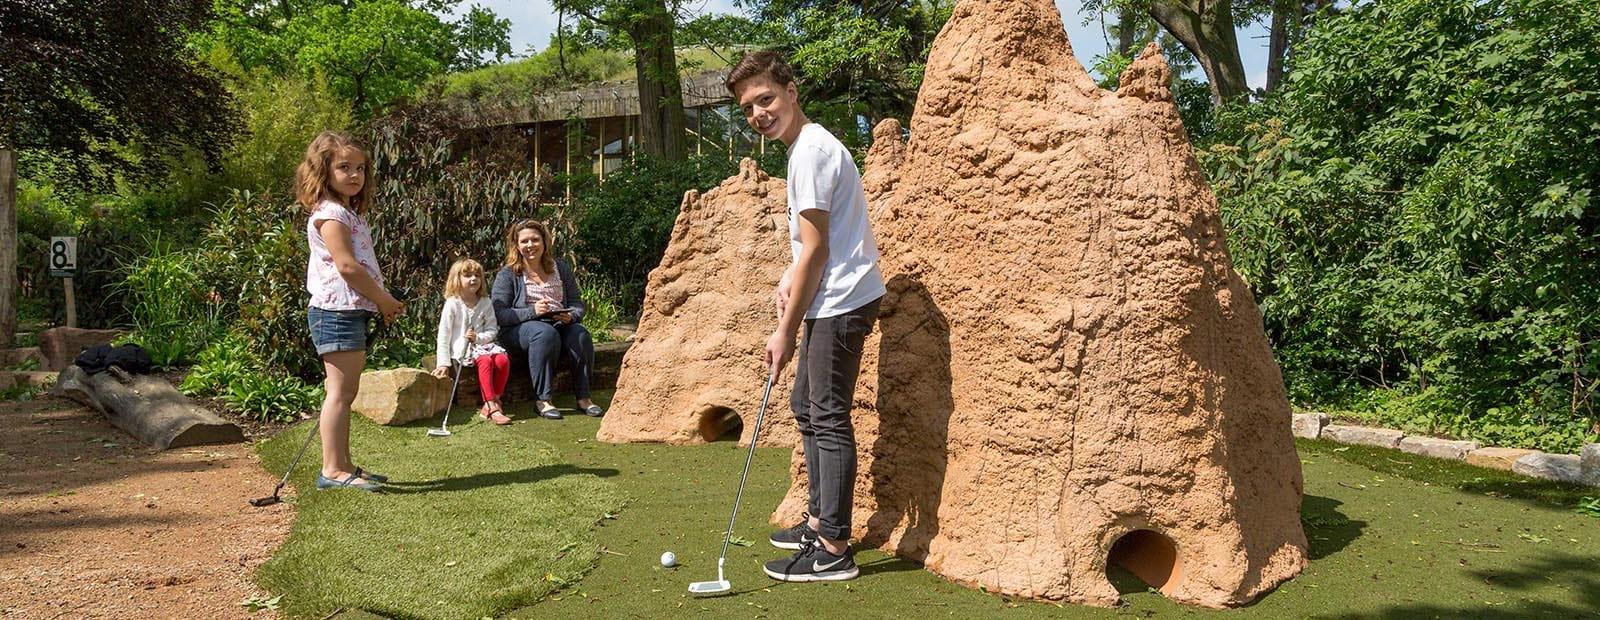 Spass auf der Golfanlage